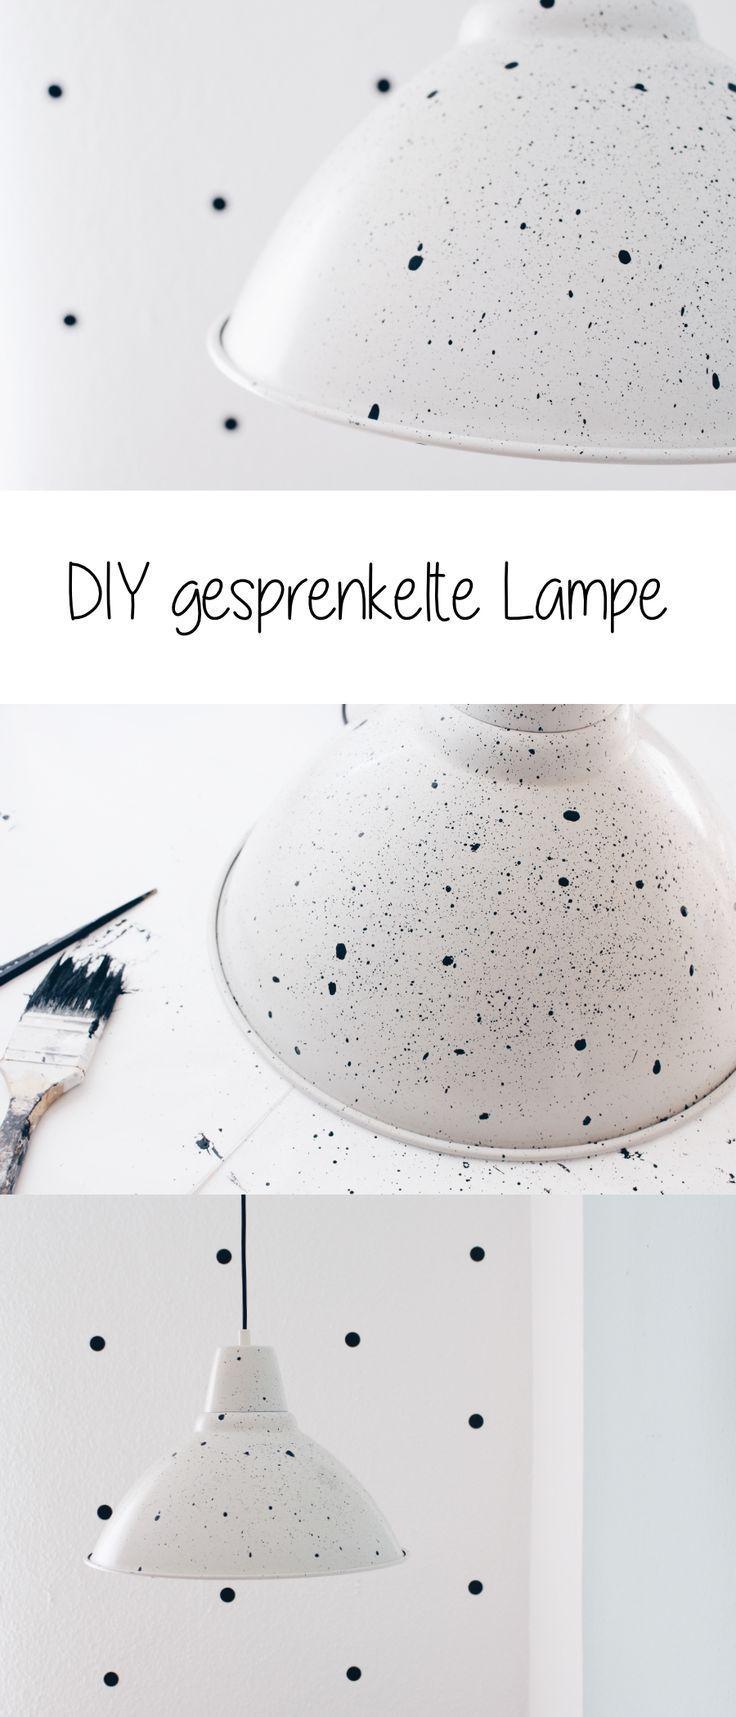 Diy Gesprenkelte Lampe Ikea Hack Diy Deko Deckenlampe Selber Machen Diy Lamp